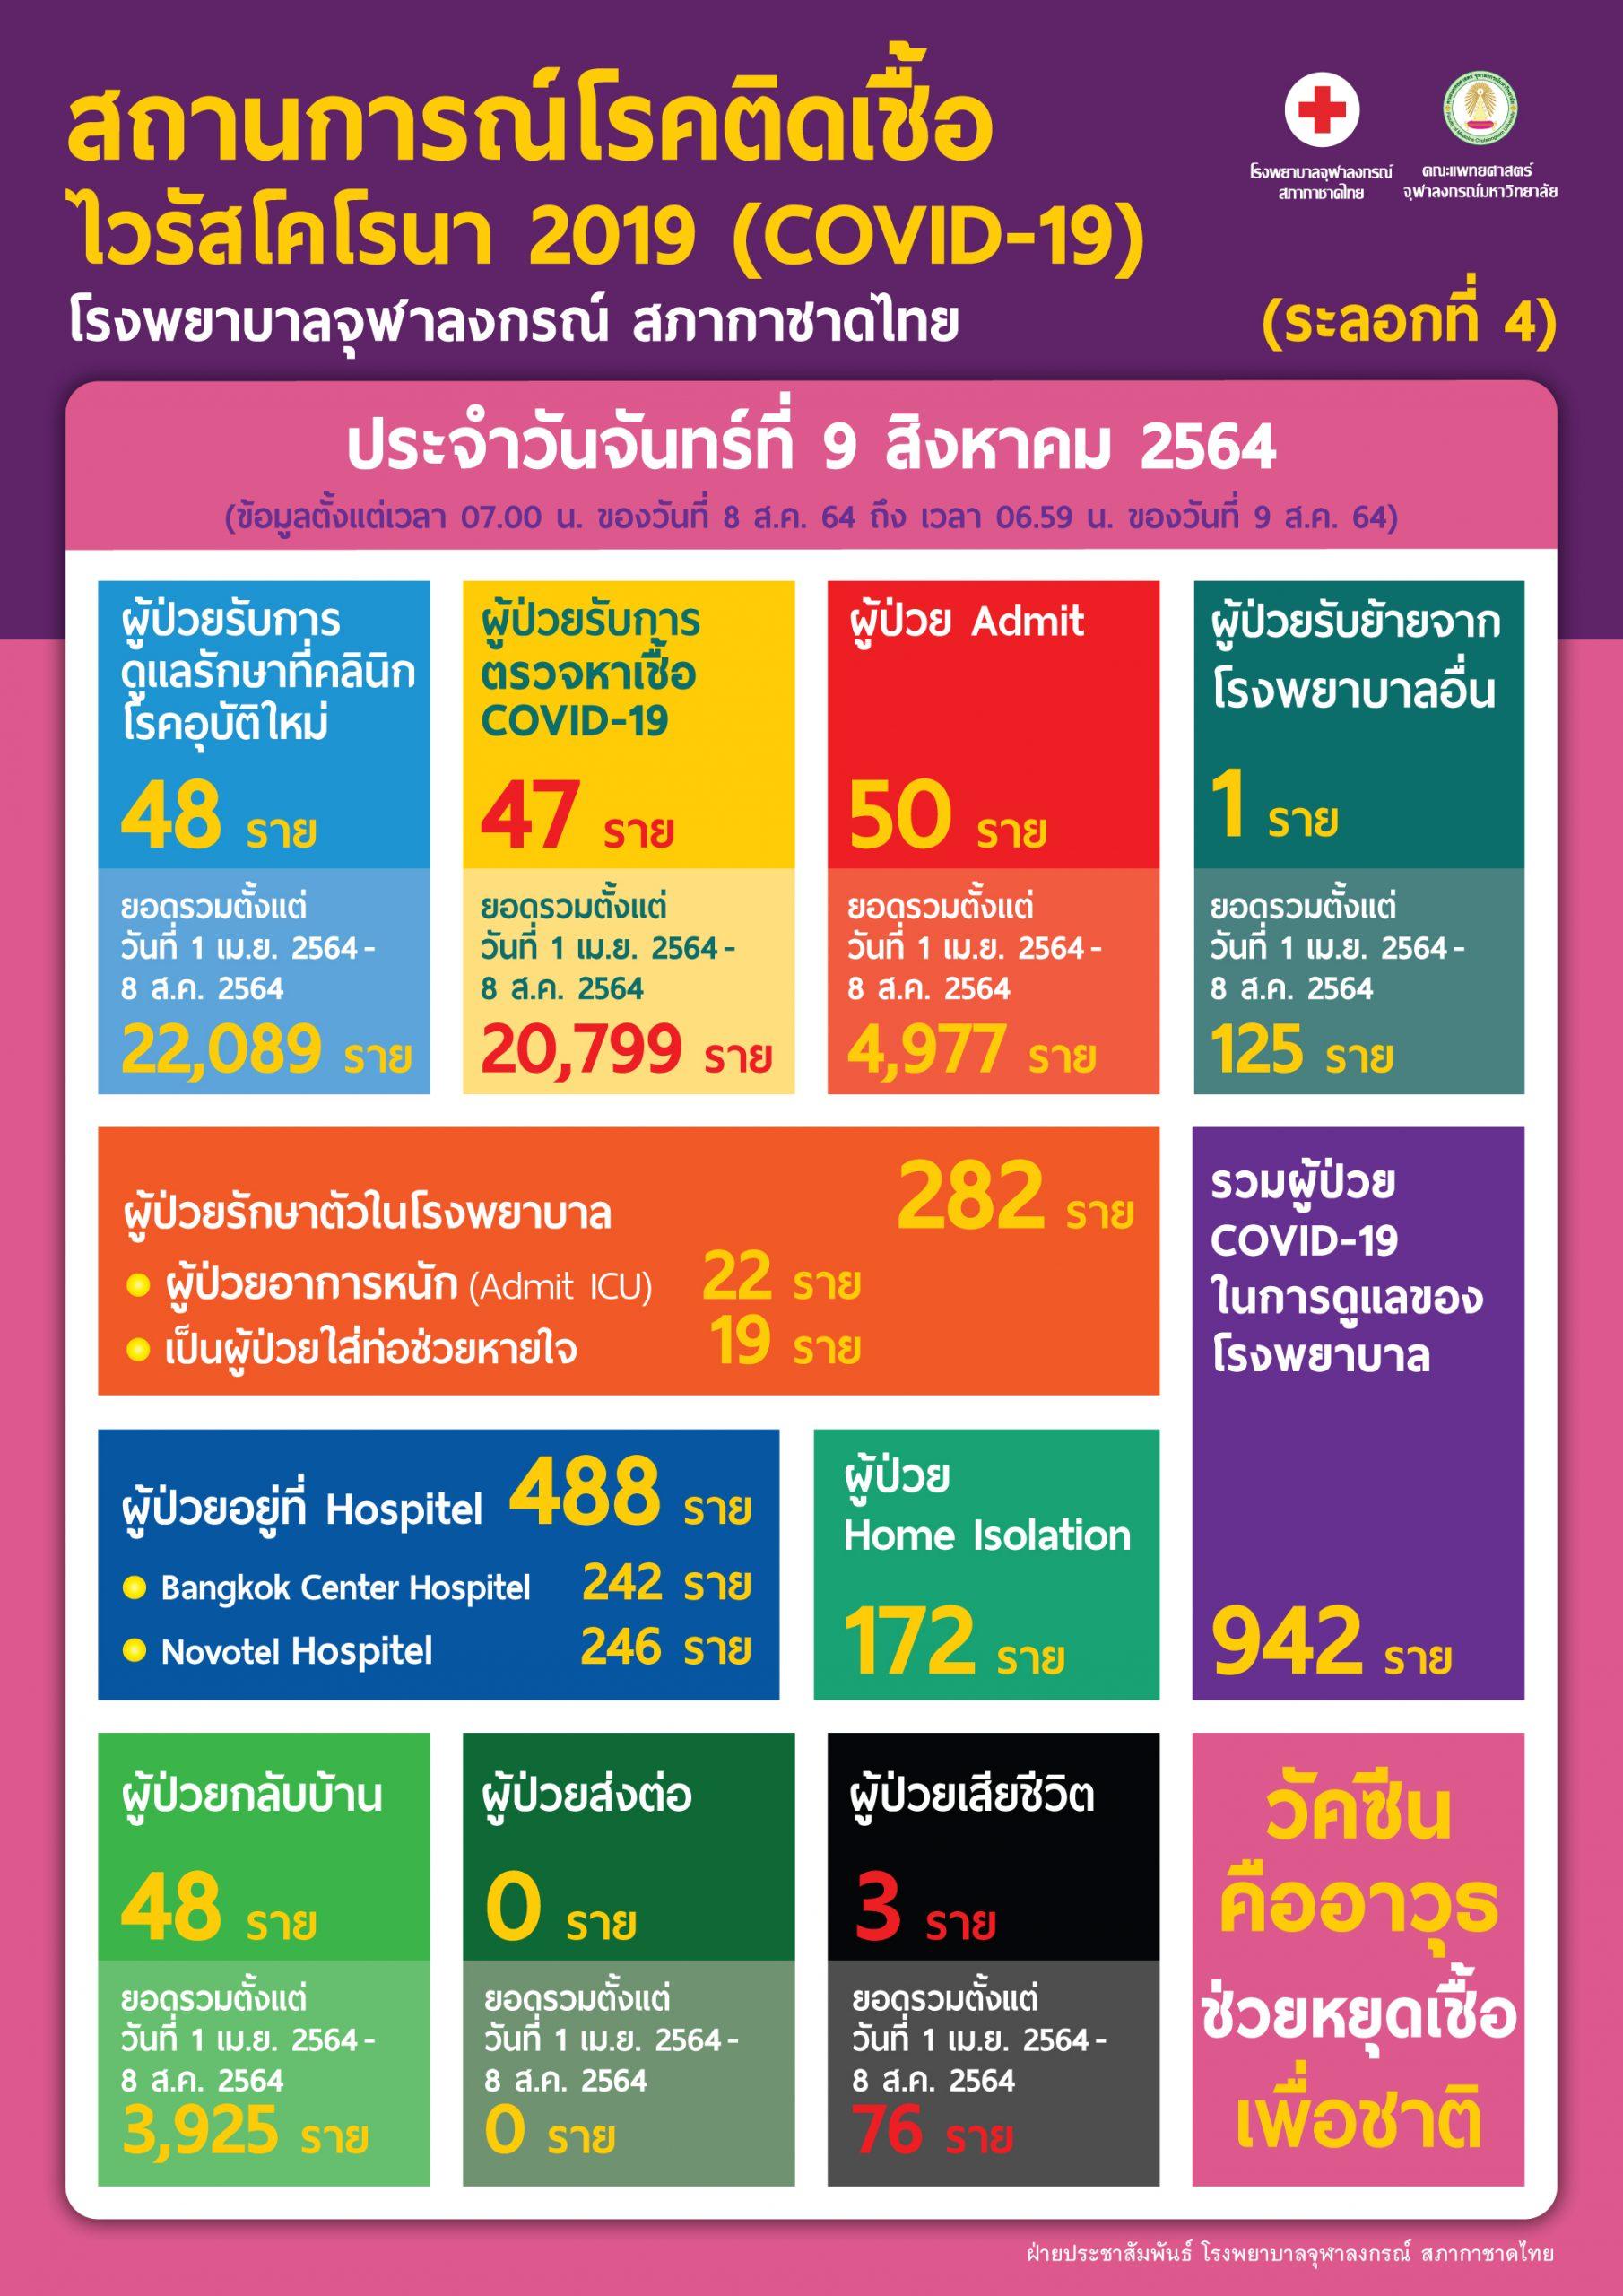 สถานการณ์โรคติดเชื้อไวรัสโคโรนา 2019 (COVID-19) (ระลอกที่ 4) โรงพยาบาลจุฬาลงกรณ์ สภากาชาดไทย  ประจำวันจันทร์ที่ 9 สิงหาคม 2564